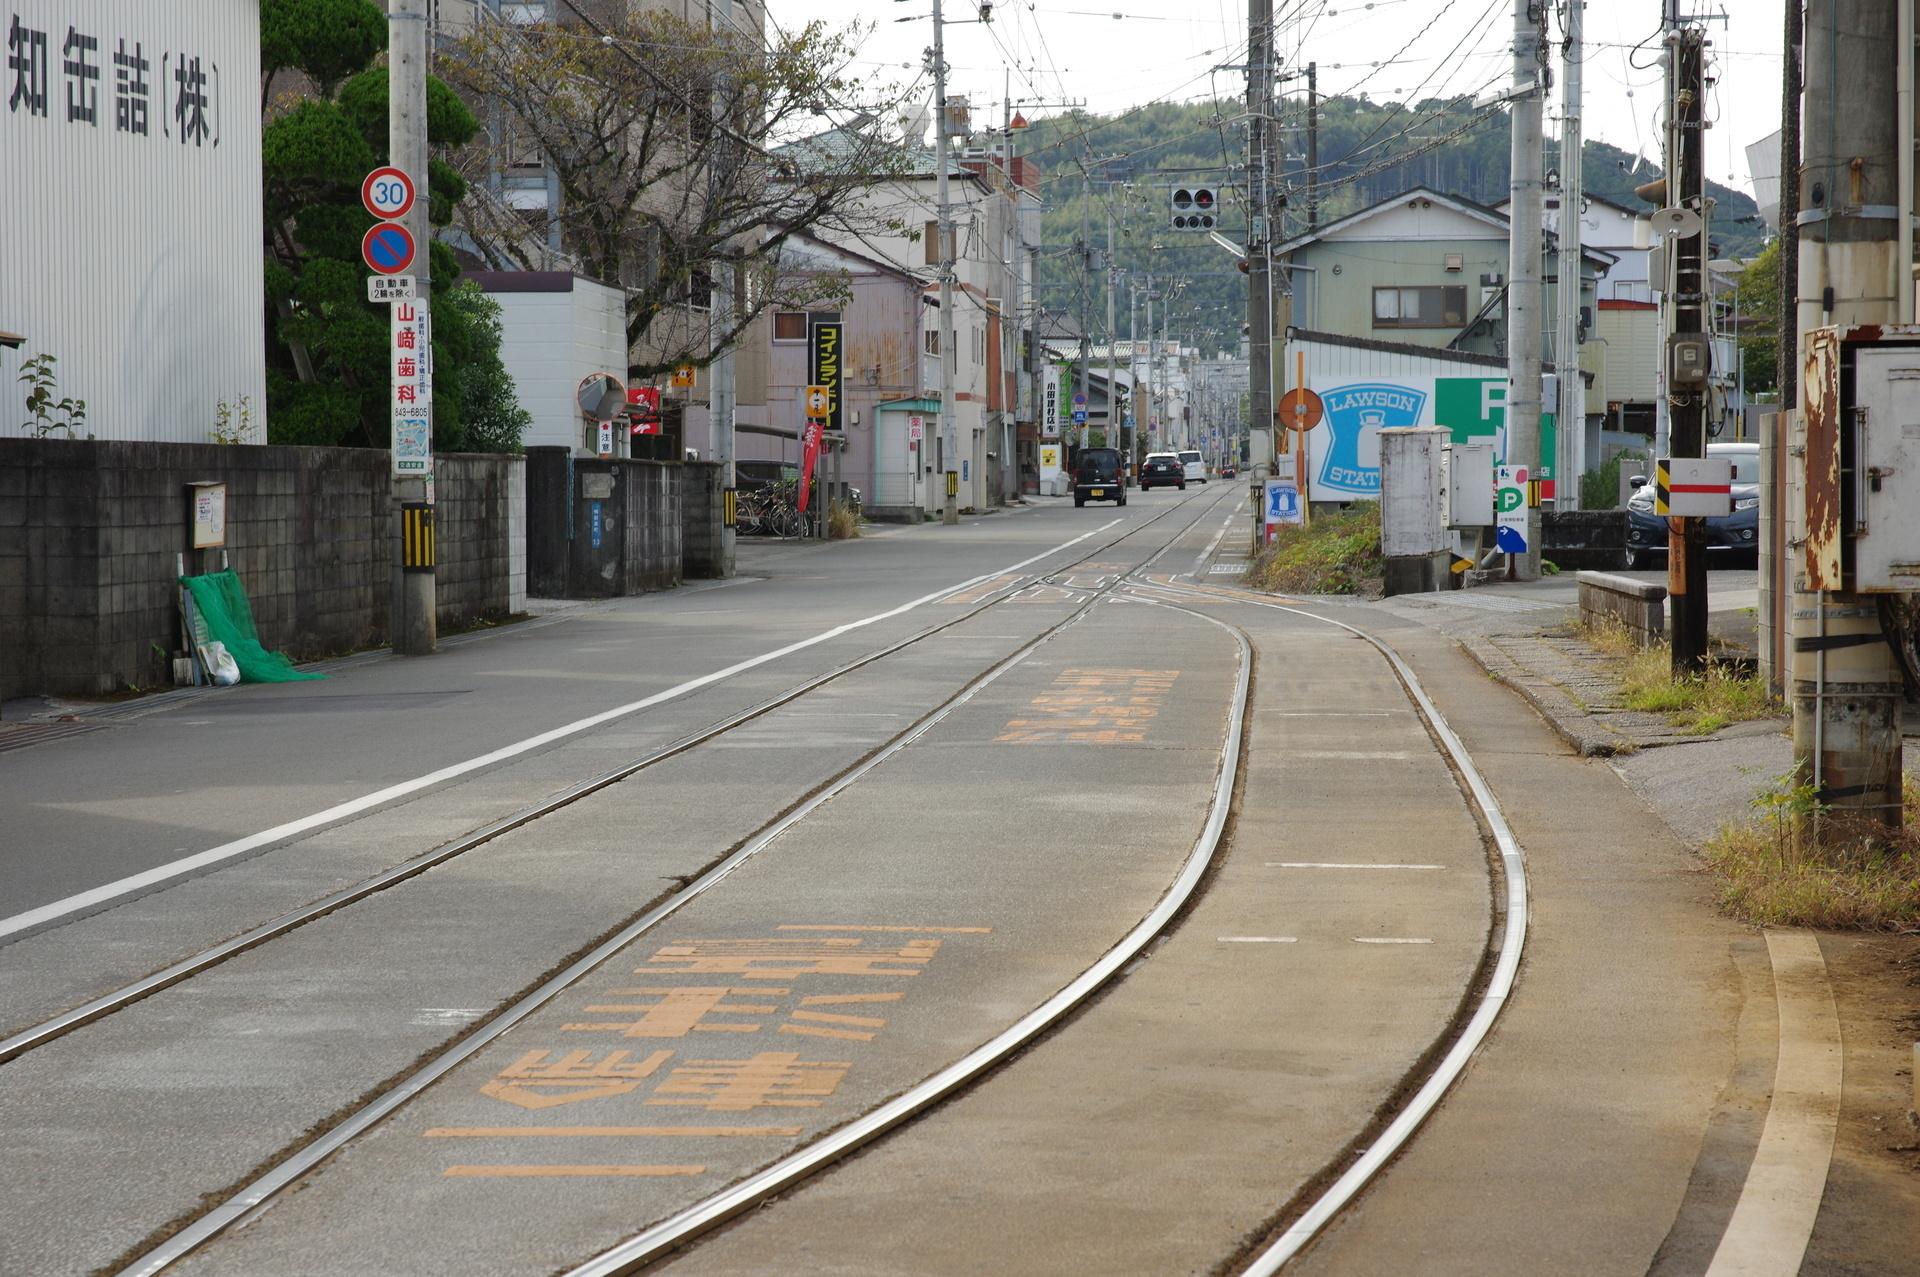 線路の間に文字がペイントされている信号所